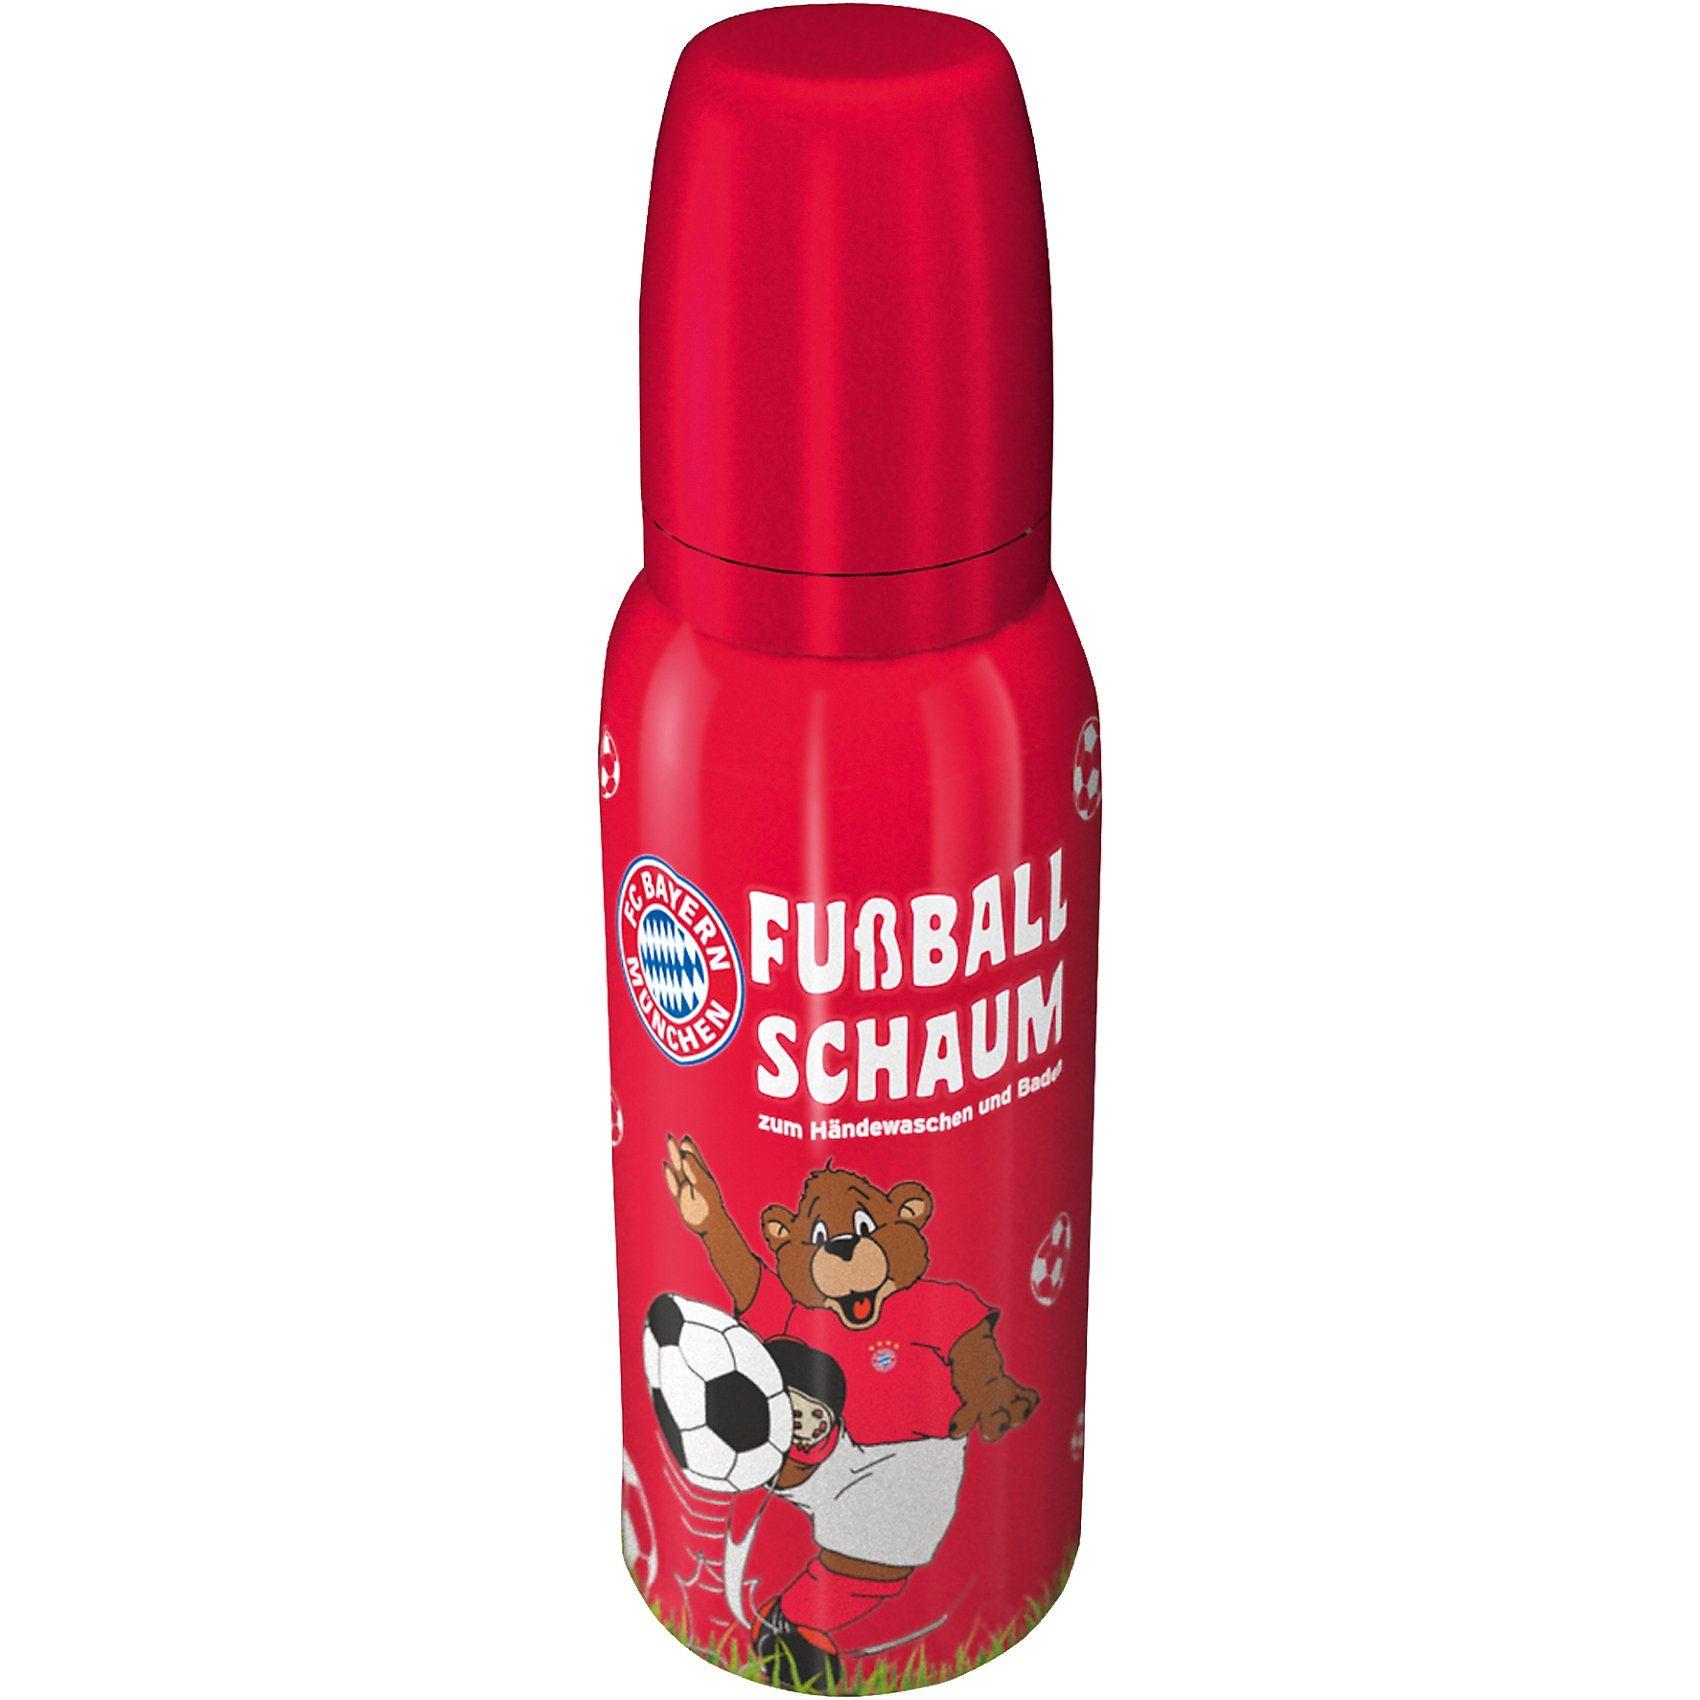 Fußball Schaum Kids, FC Bayern München